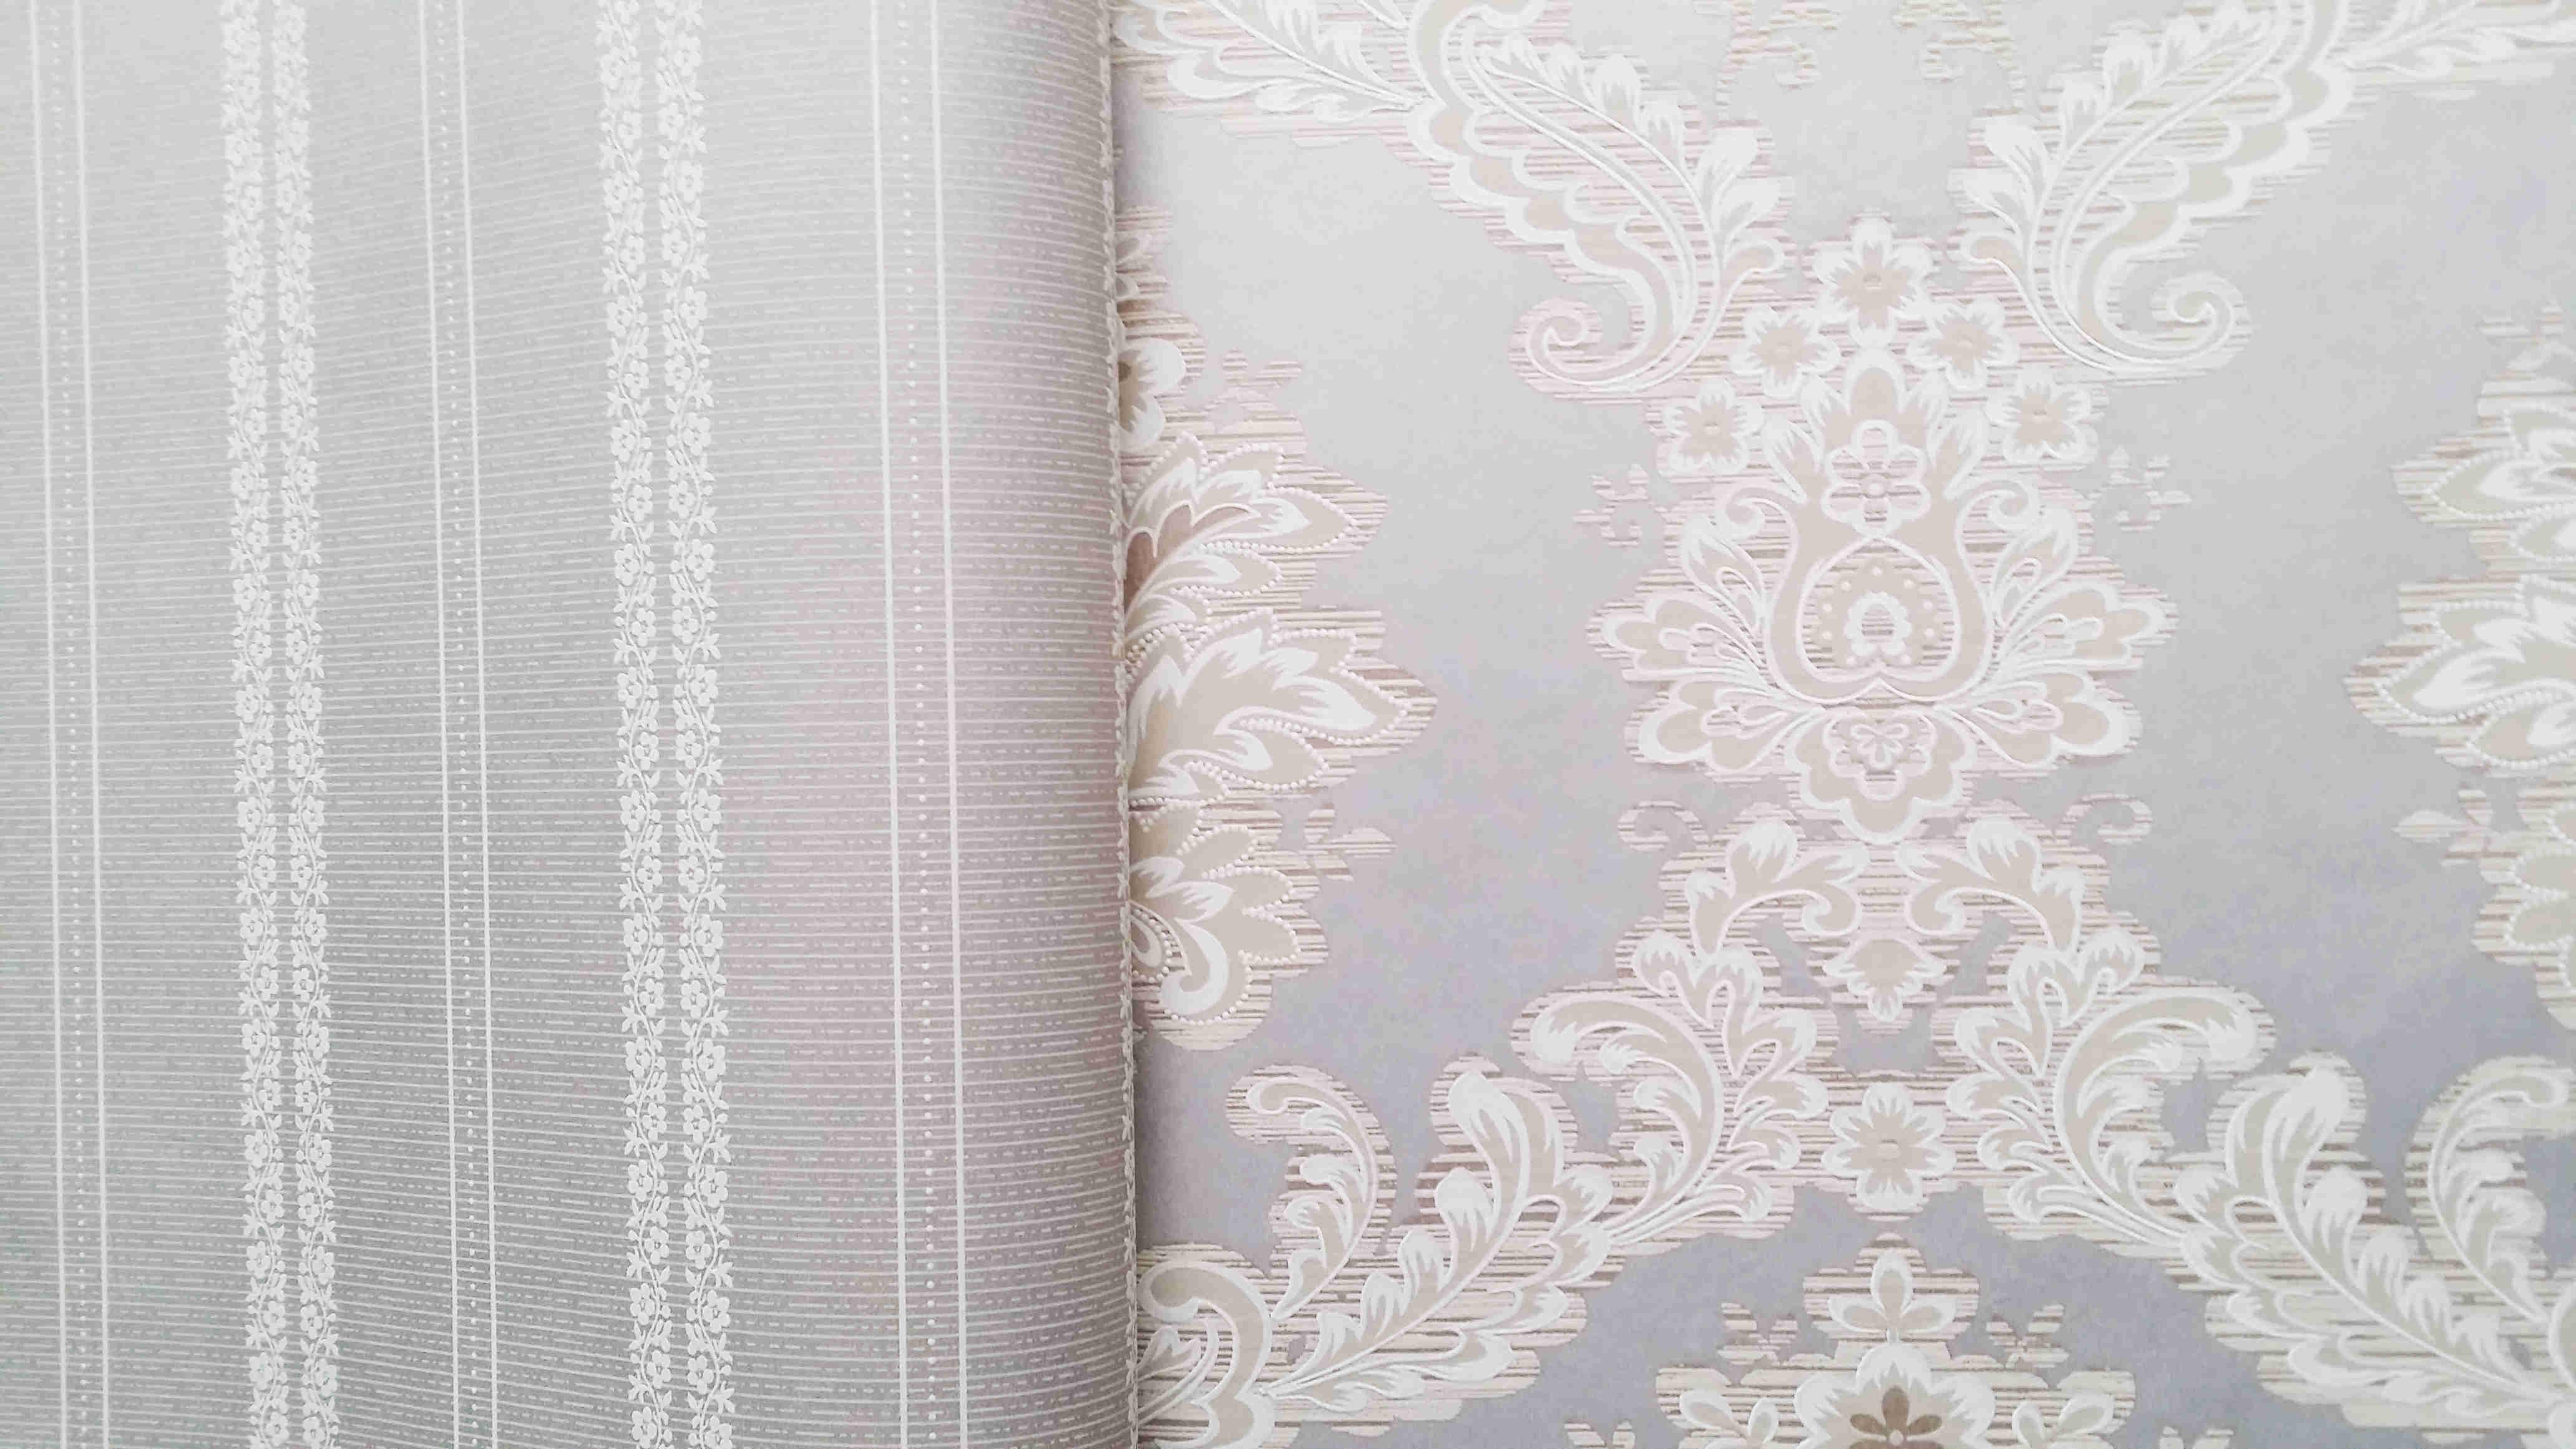 德国艾仕壁纸价格_素色条纹 卧室书房 无纺布墙纸【报价 价格 图片 参数】-壁纸壁 ...